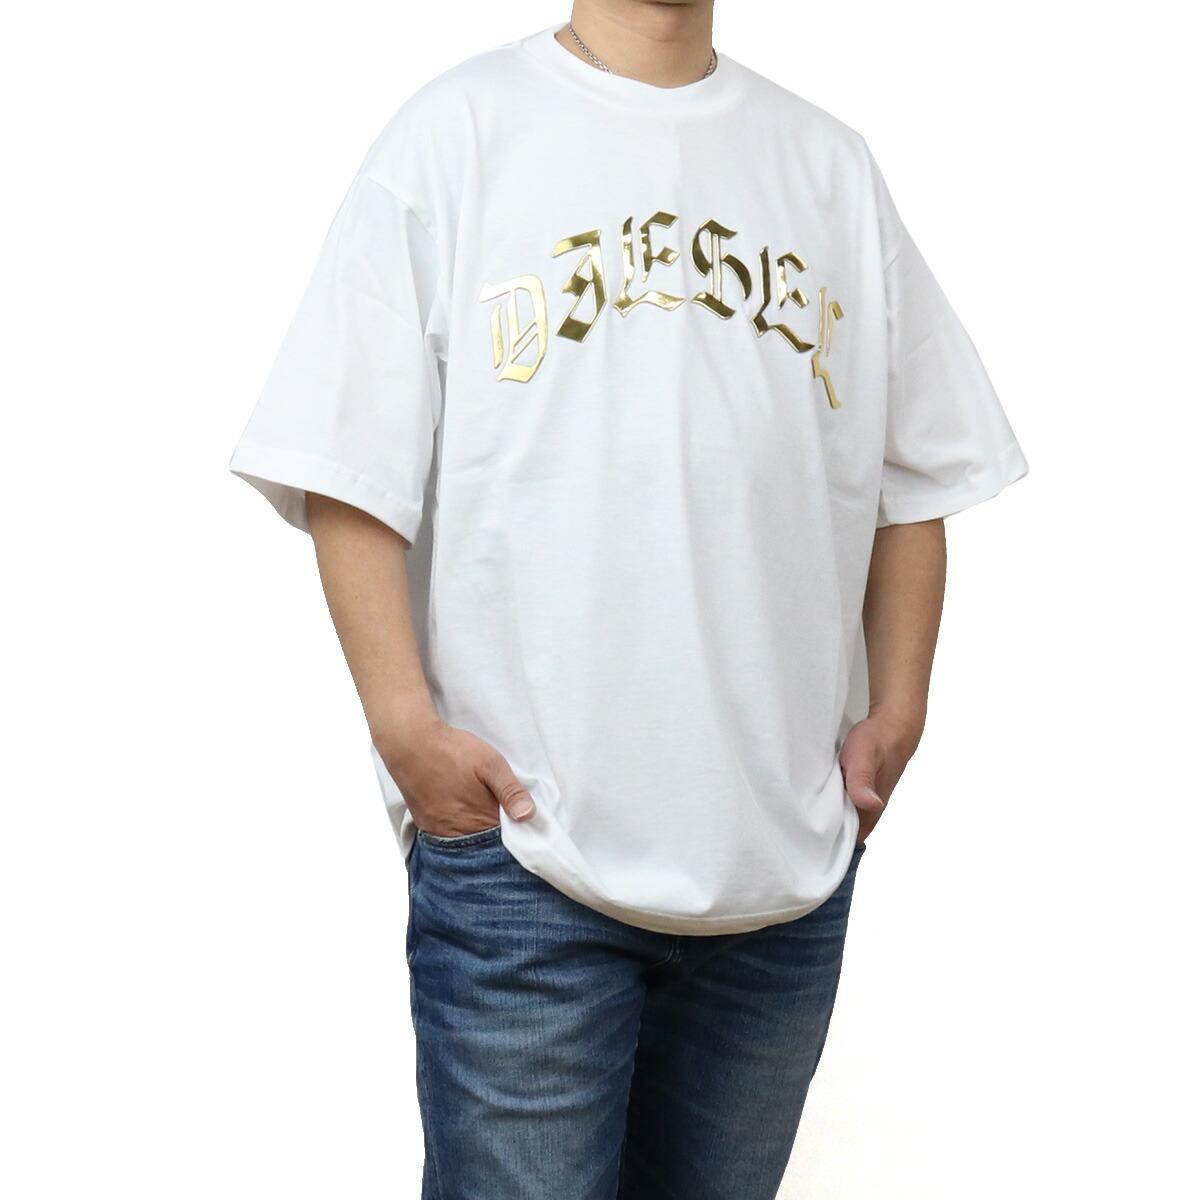 ディーゼル DIESEL メンズ-Tシャツ A01866 0PATI 100 ホワイト系 bos-43 apparel-01 ts-01 メンズ